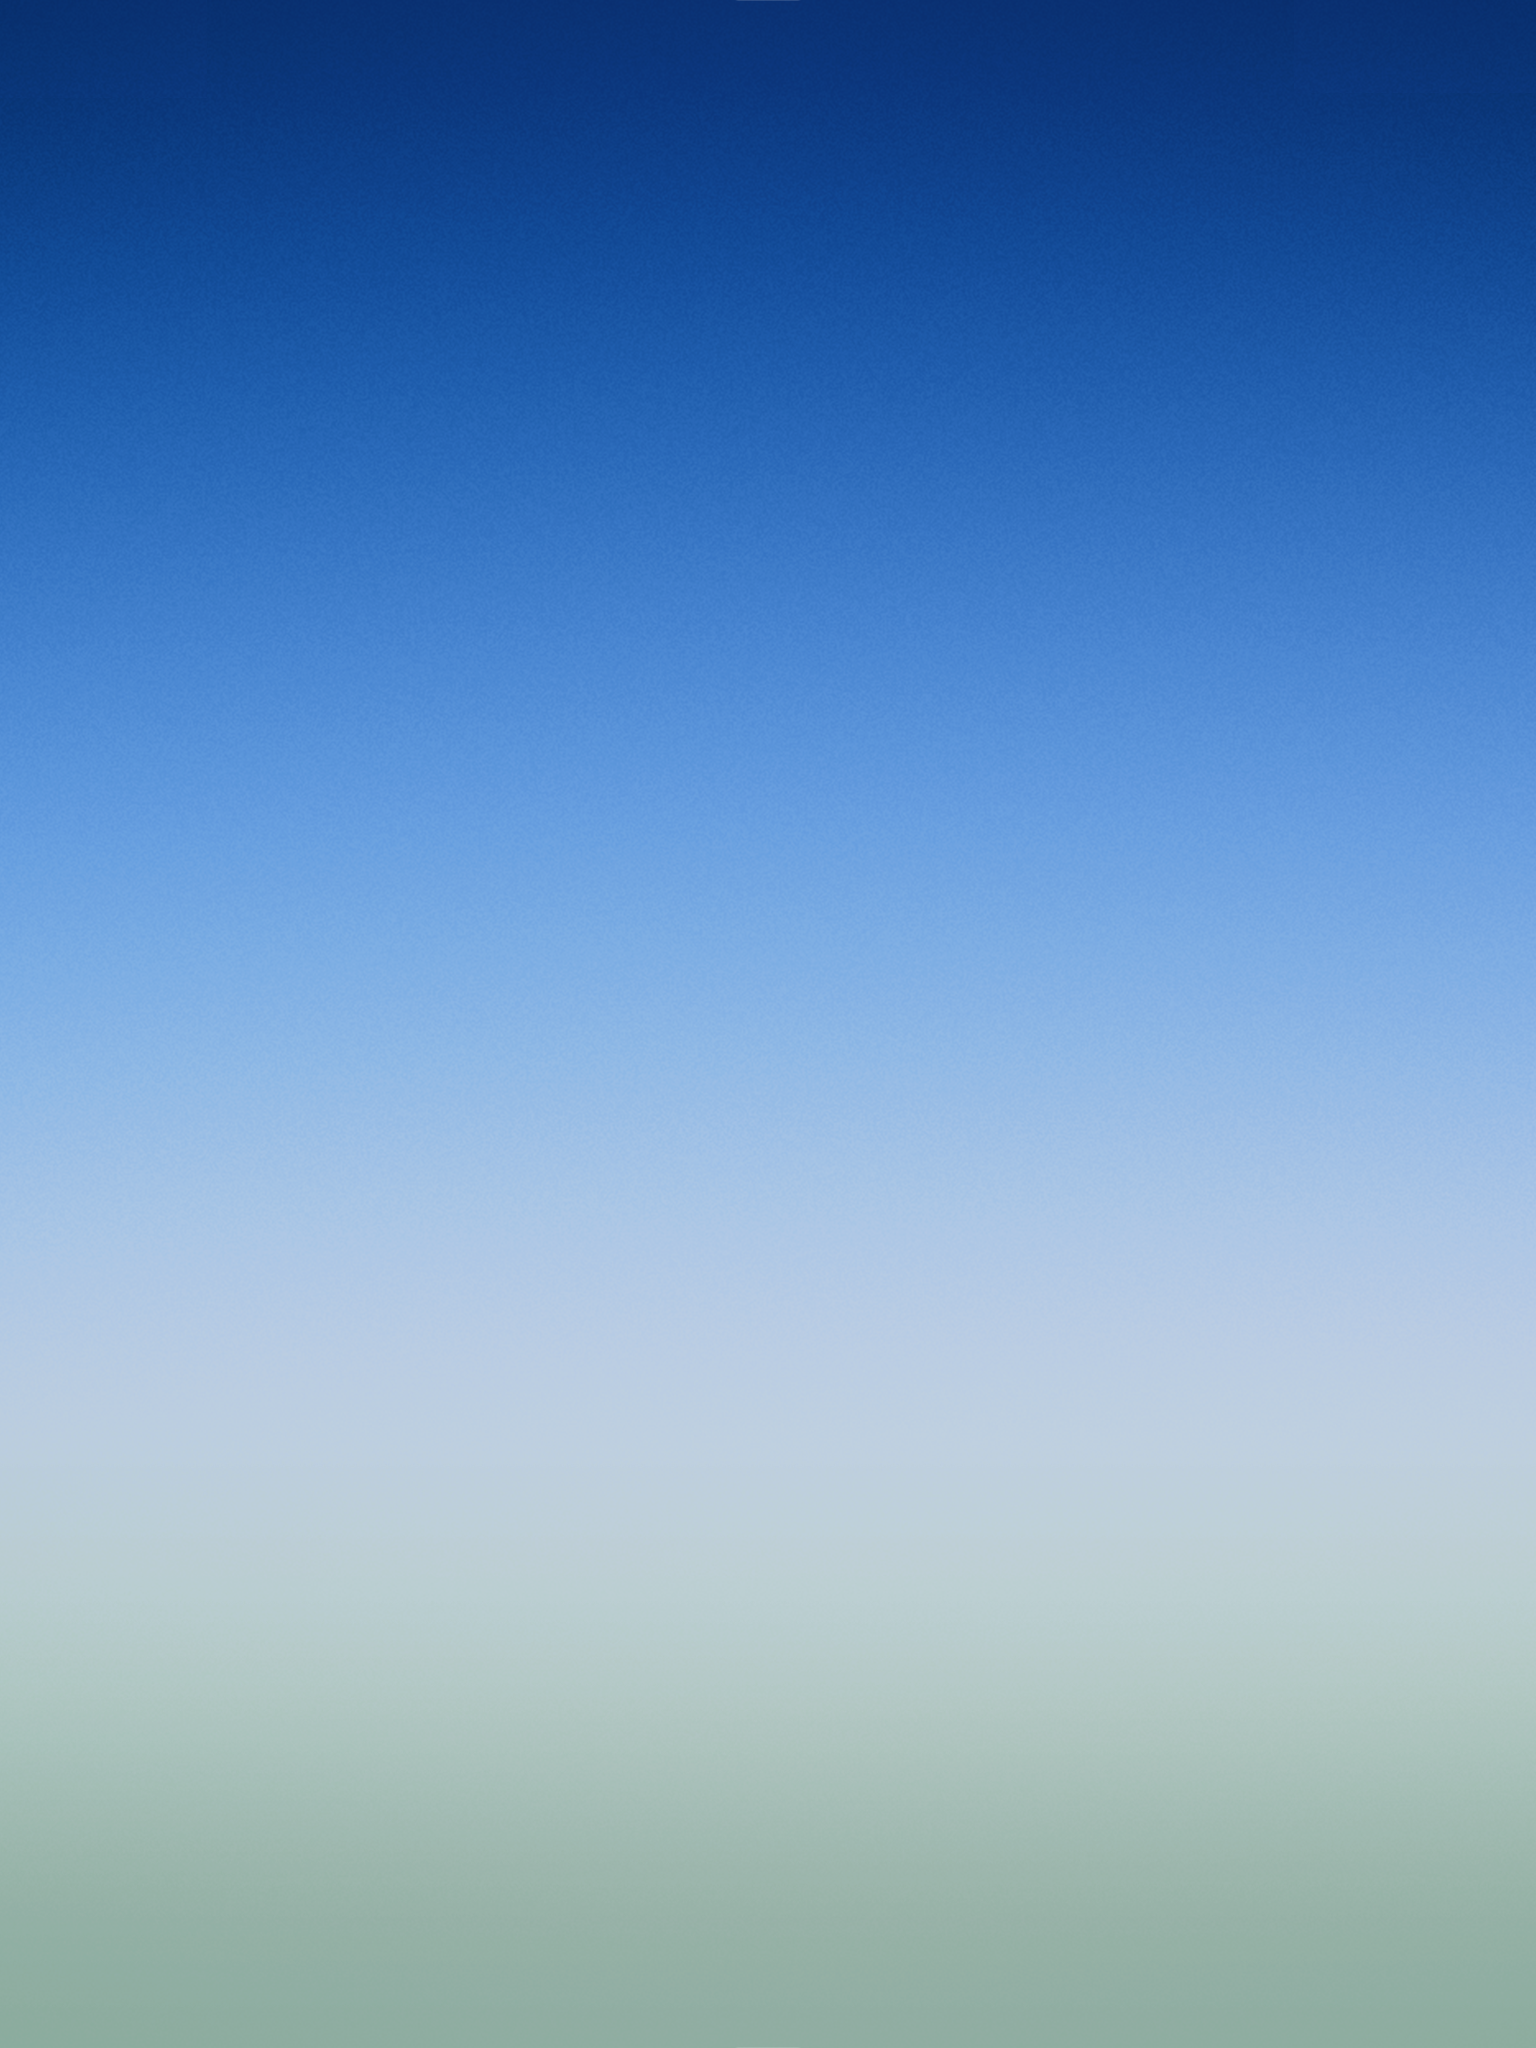 iPad wallpaper 9to5Mac 1536x2048